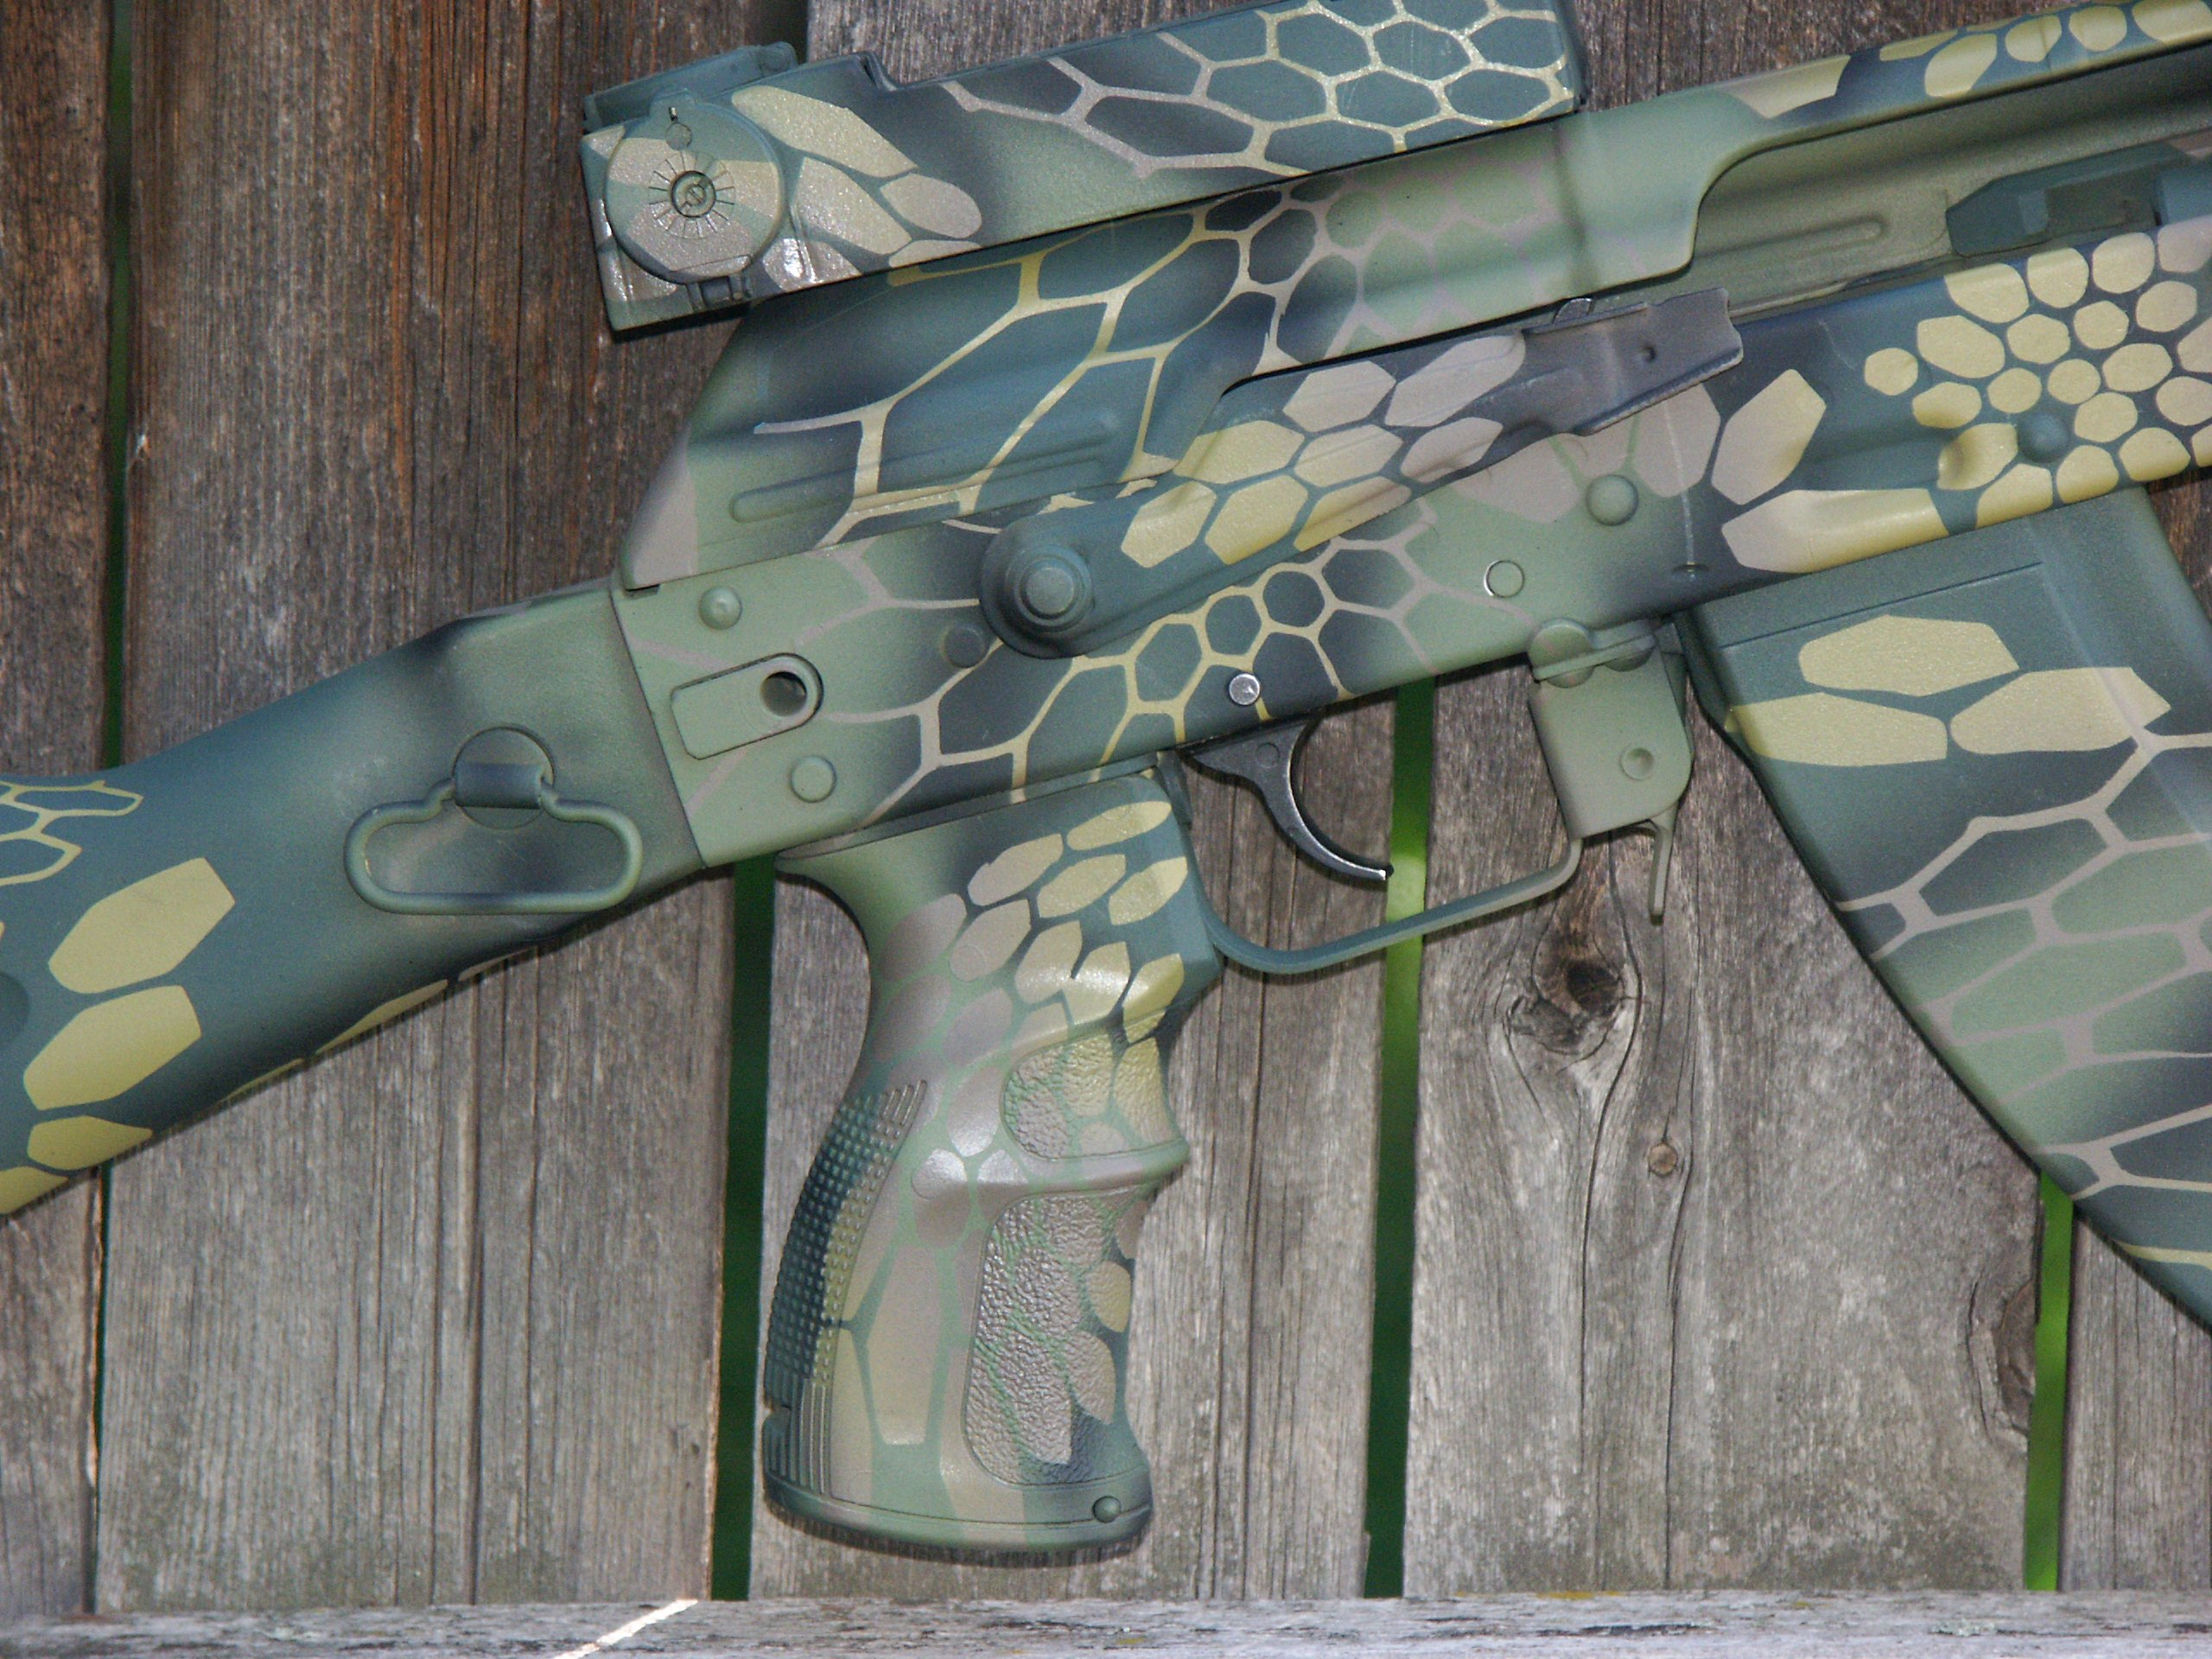 AK-47 Kryptec Camo